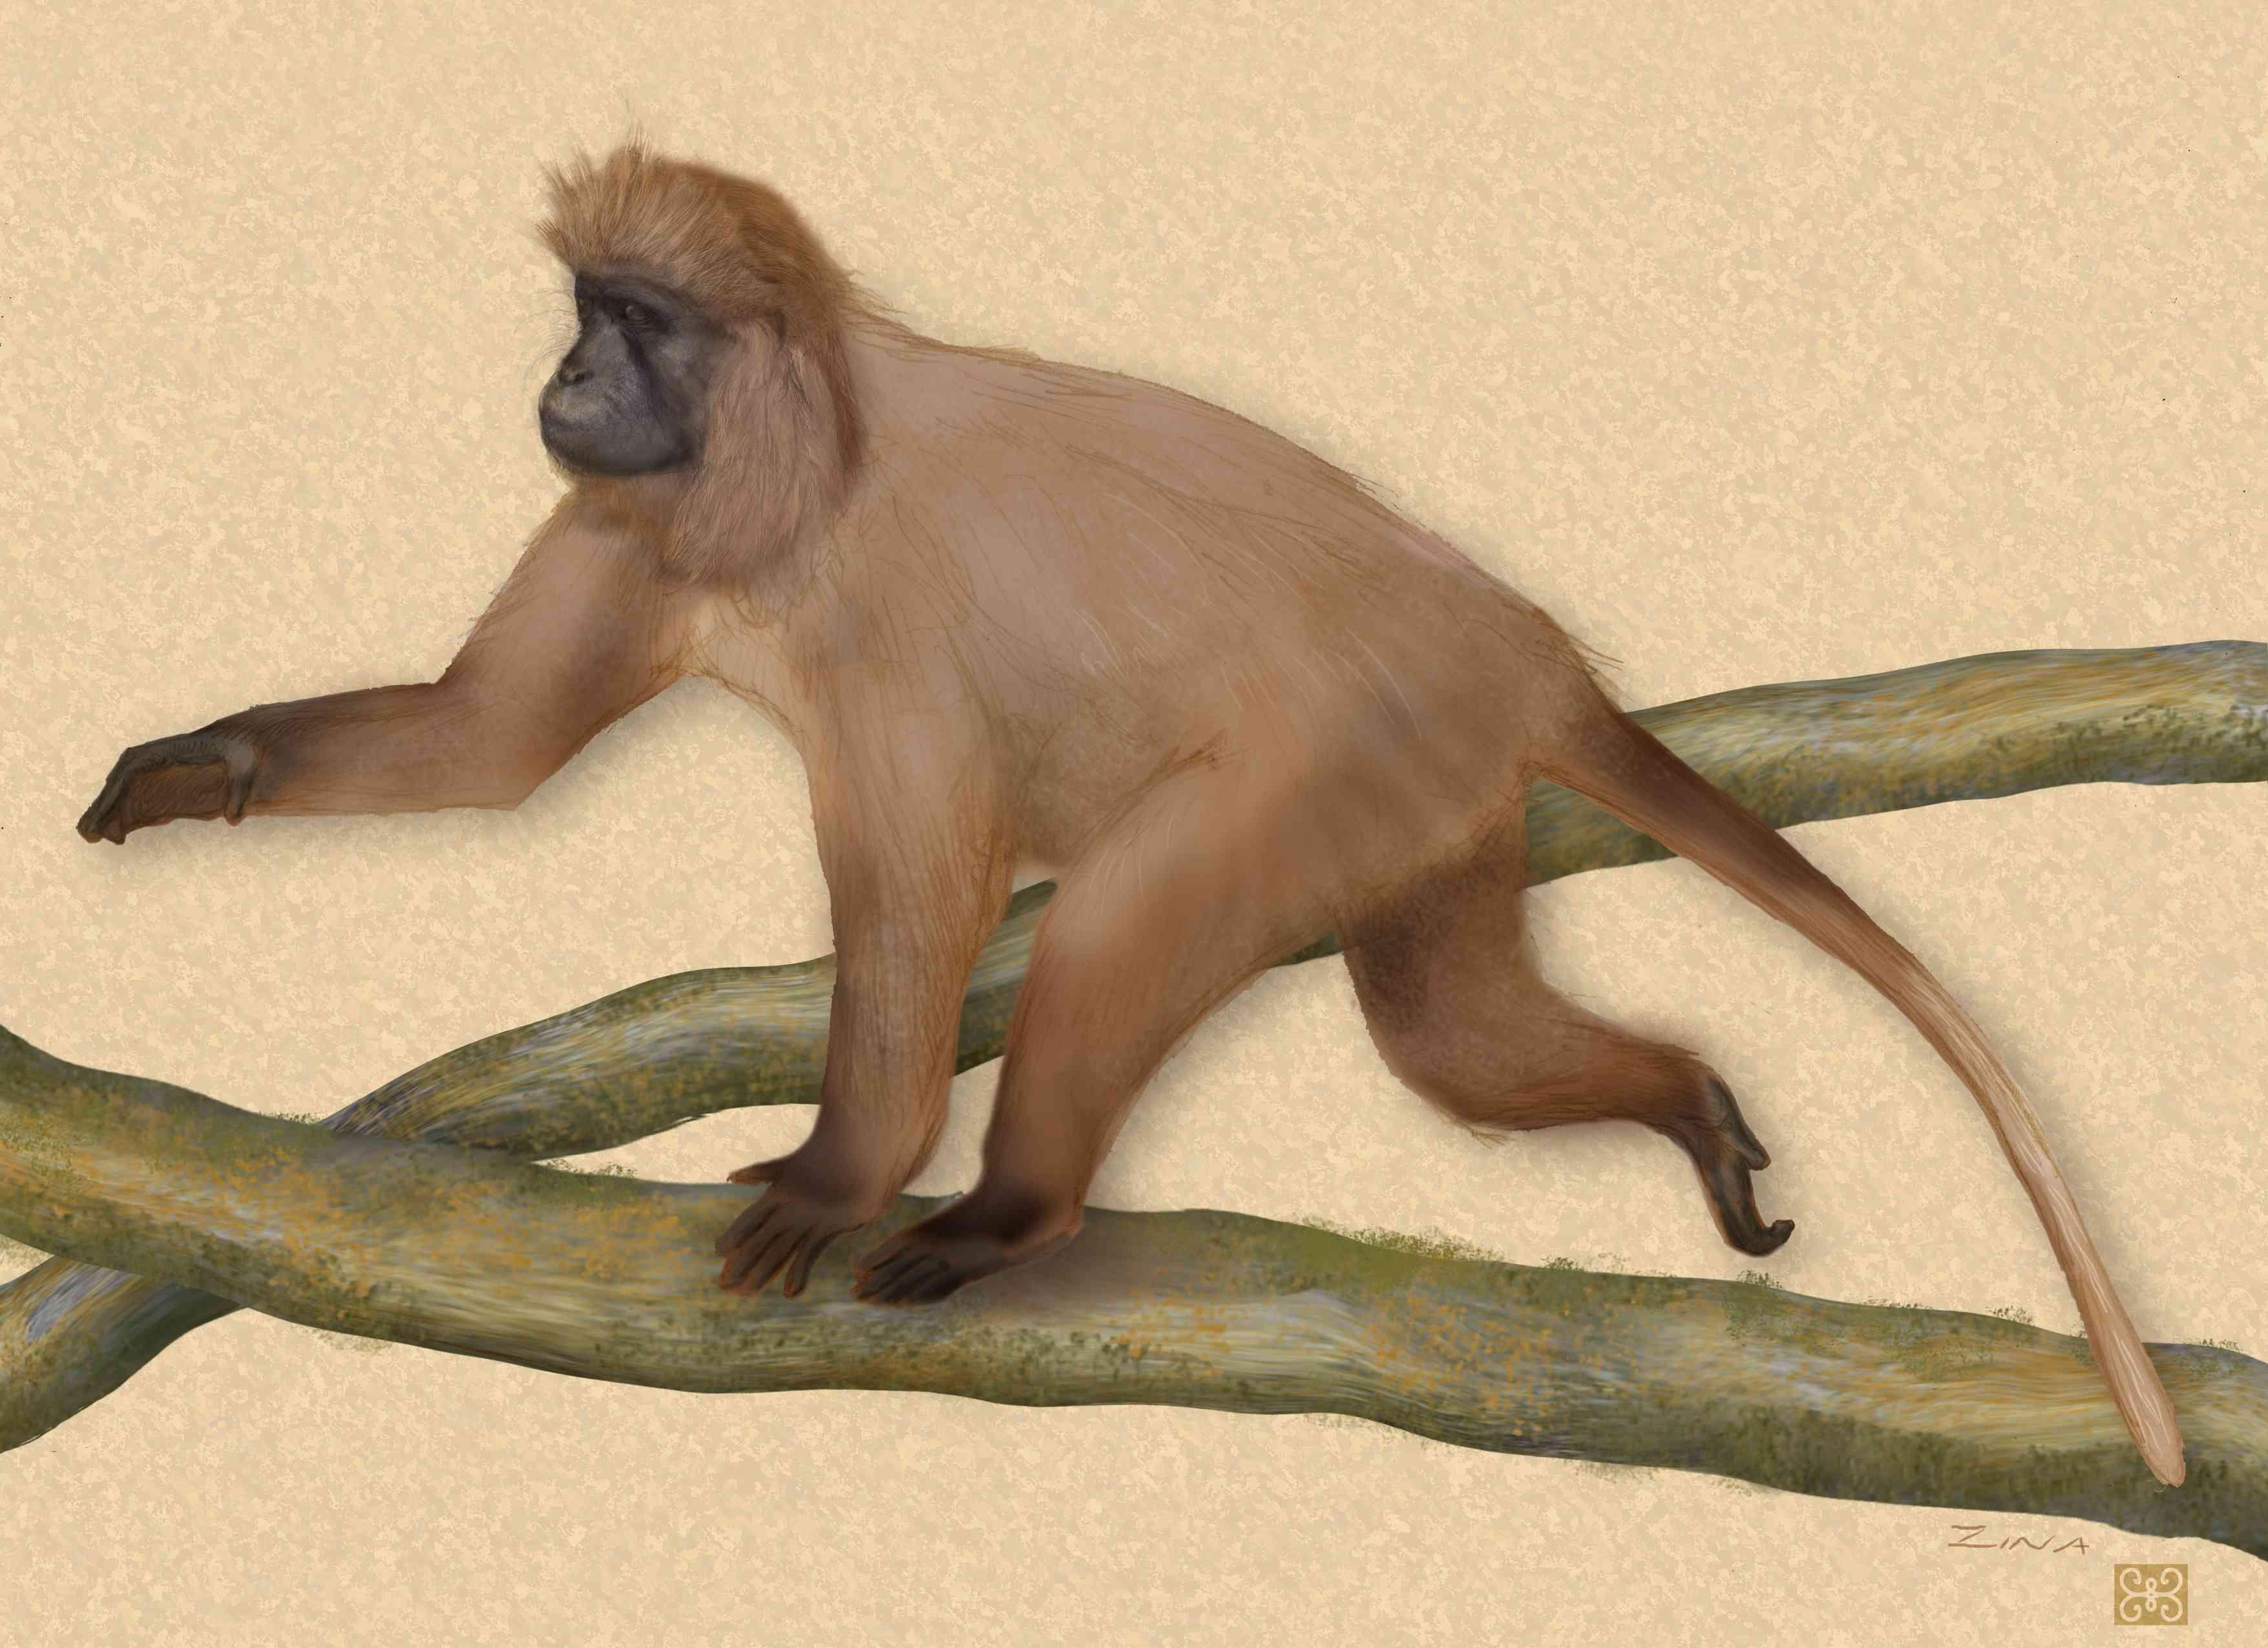 illustration of long haired kipunji monkey walking